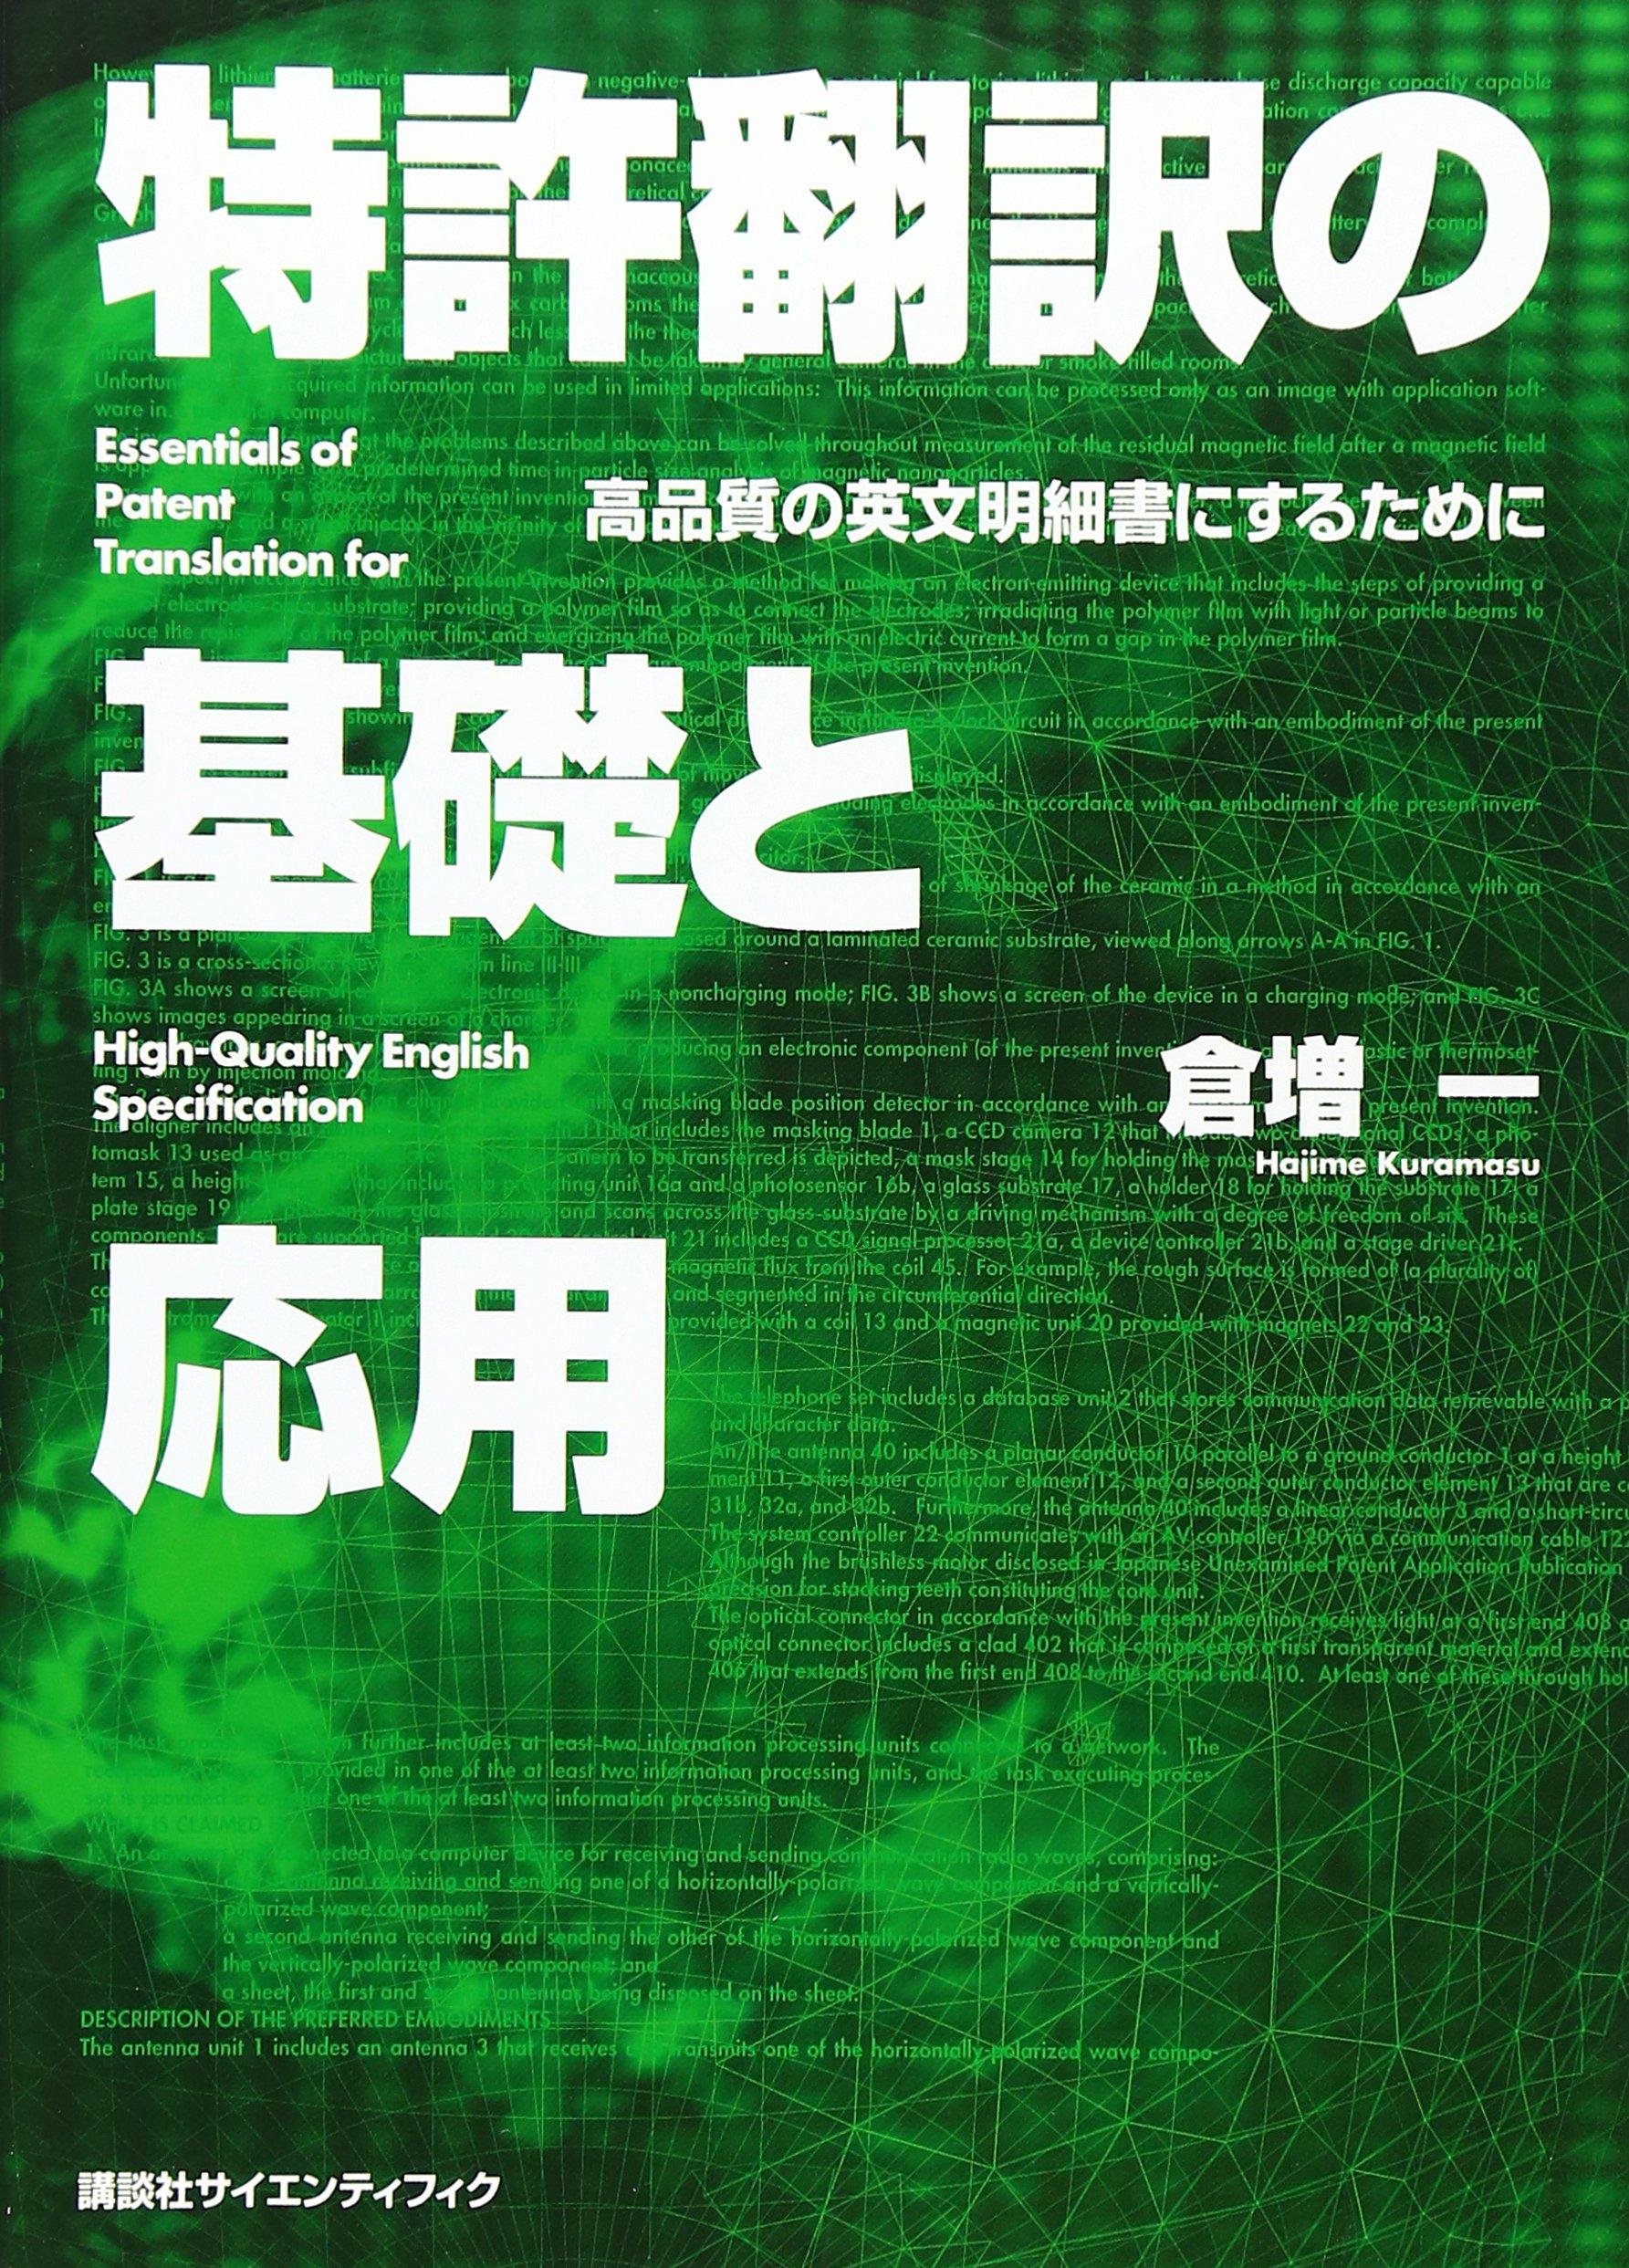 「特許翻訳の基礎と応用」の画像検索結果